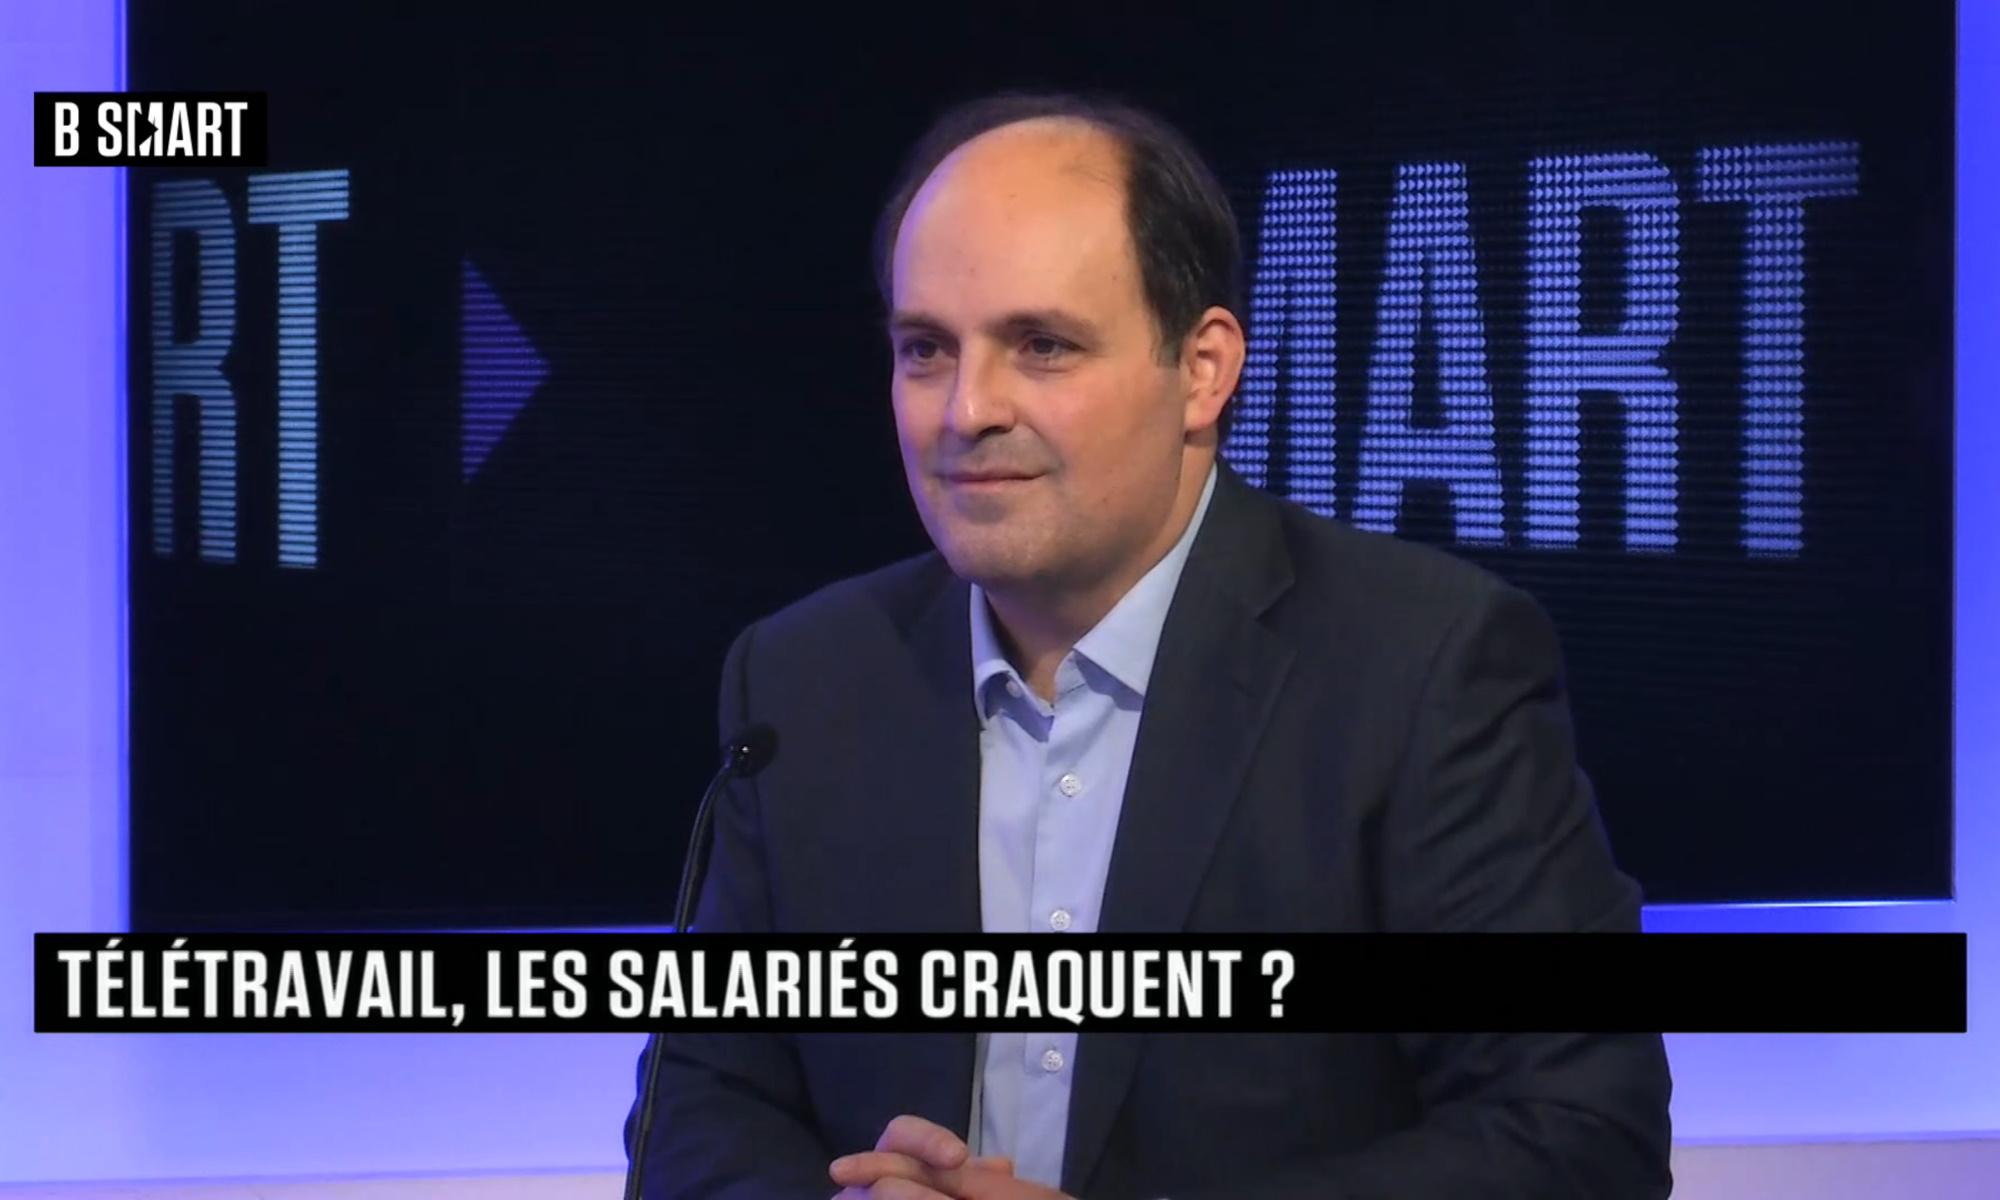 """Georges Aoun cofondateur de Concilio en interview sur B SMART """"Télétravail, les salariés craquent ?"""""""